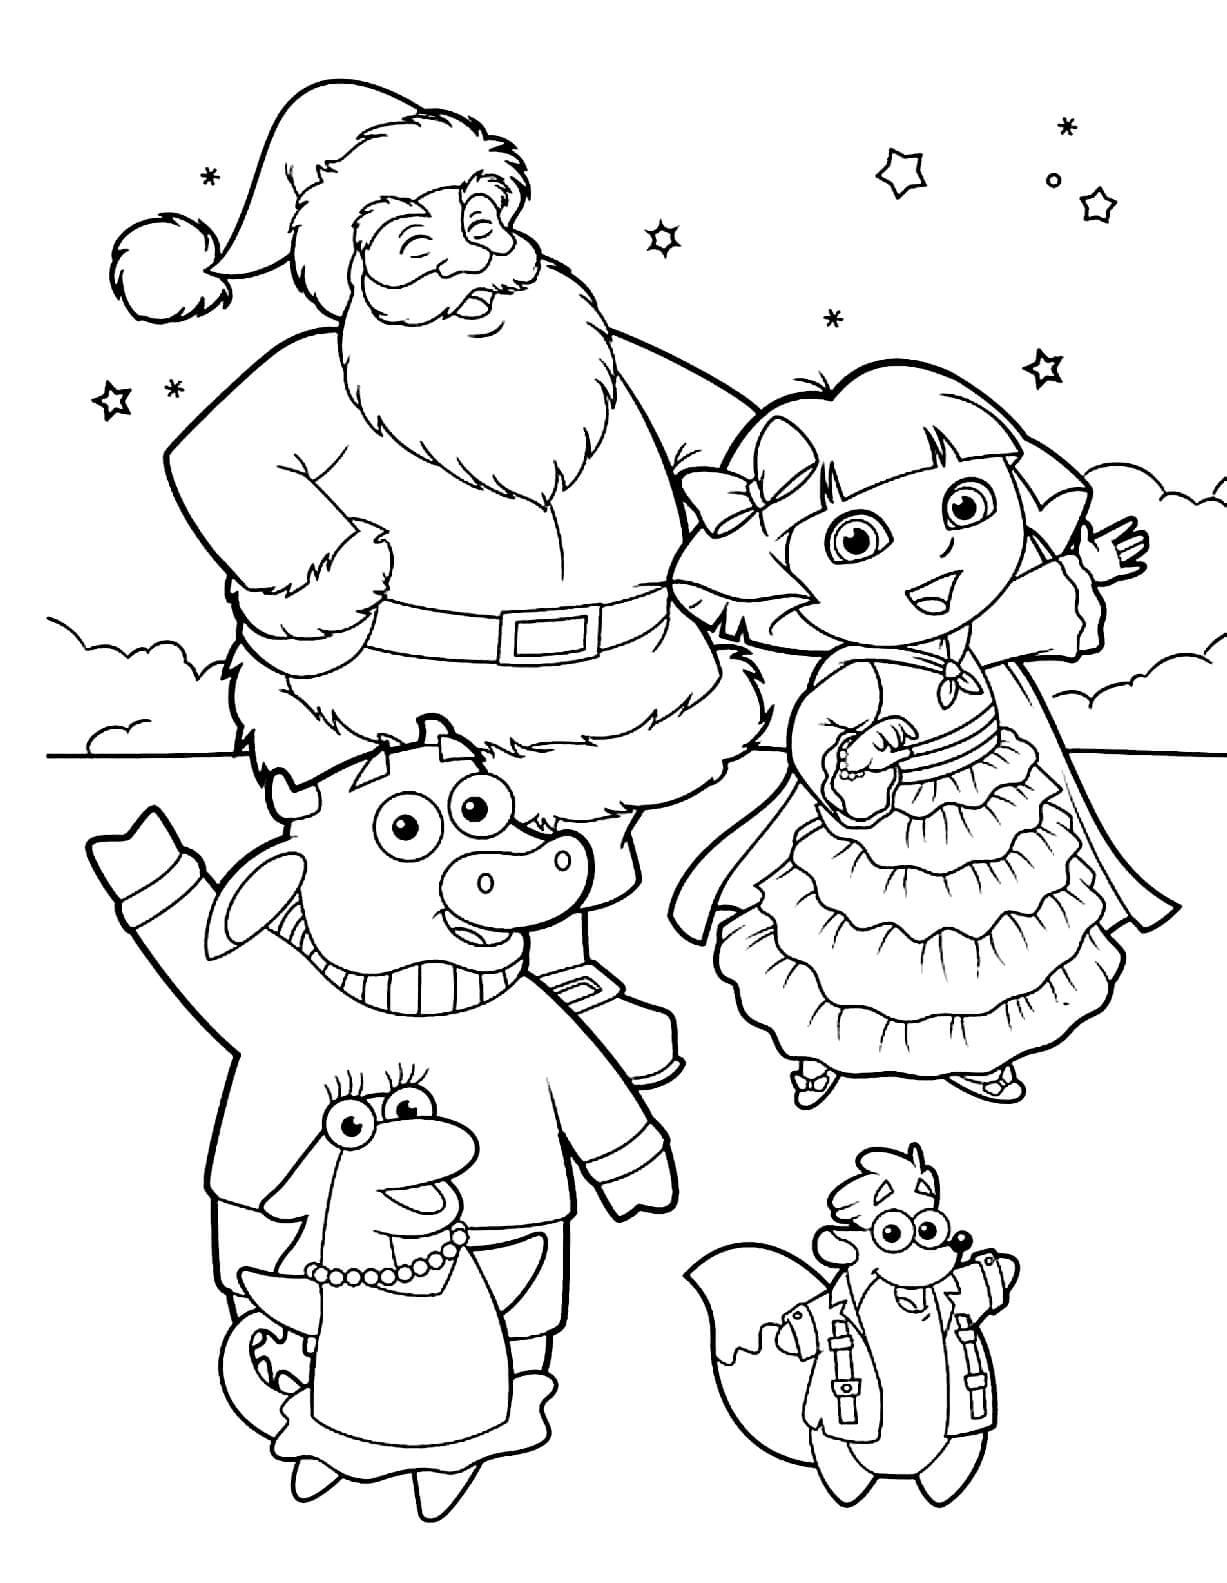 Раскраска Даша-путешественница, Тико, Бенни, Игуана Иса и Санта Клаус